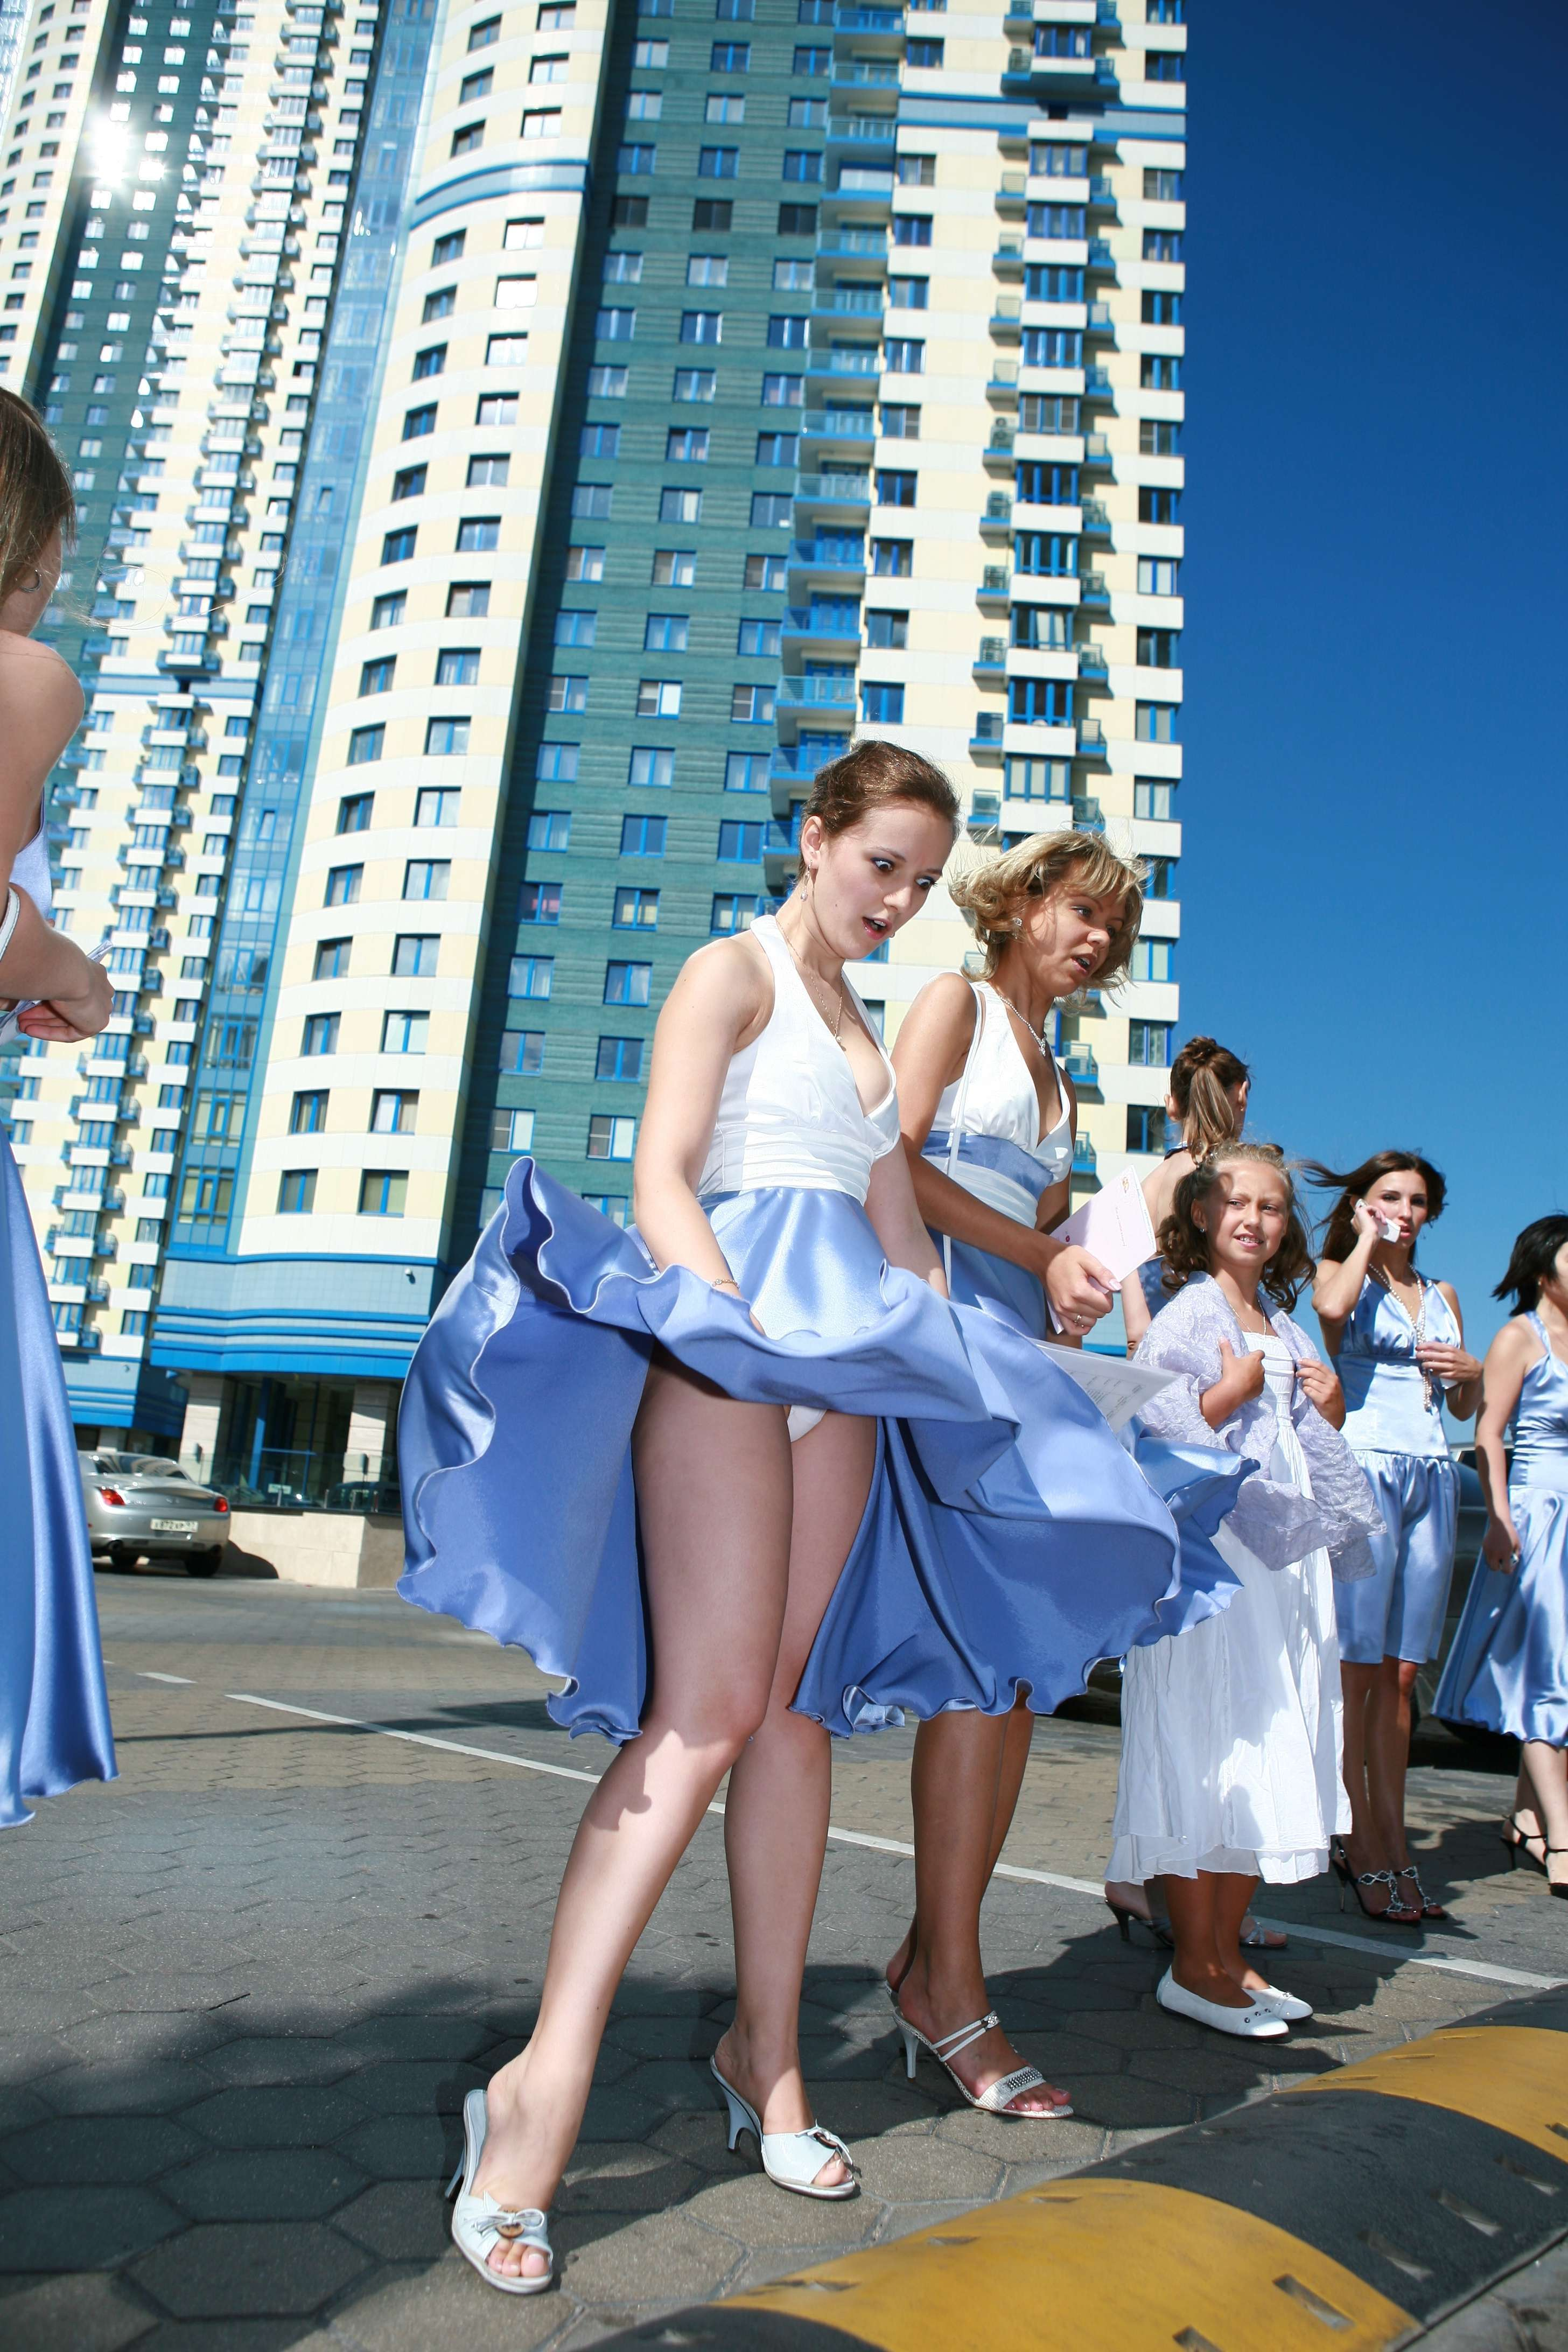 Panties schoolgirls upskirt